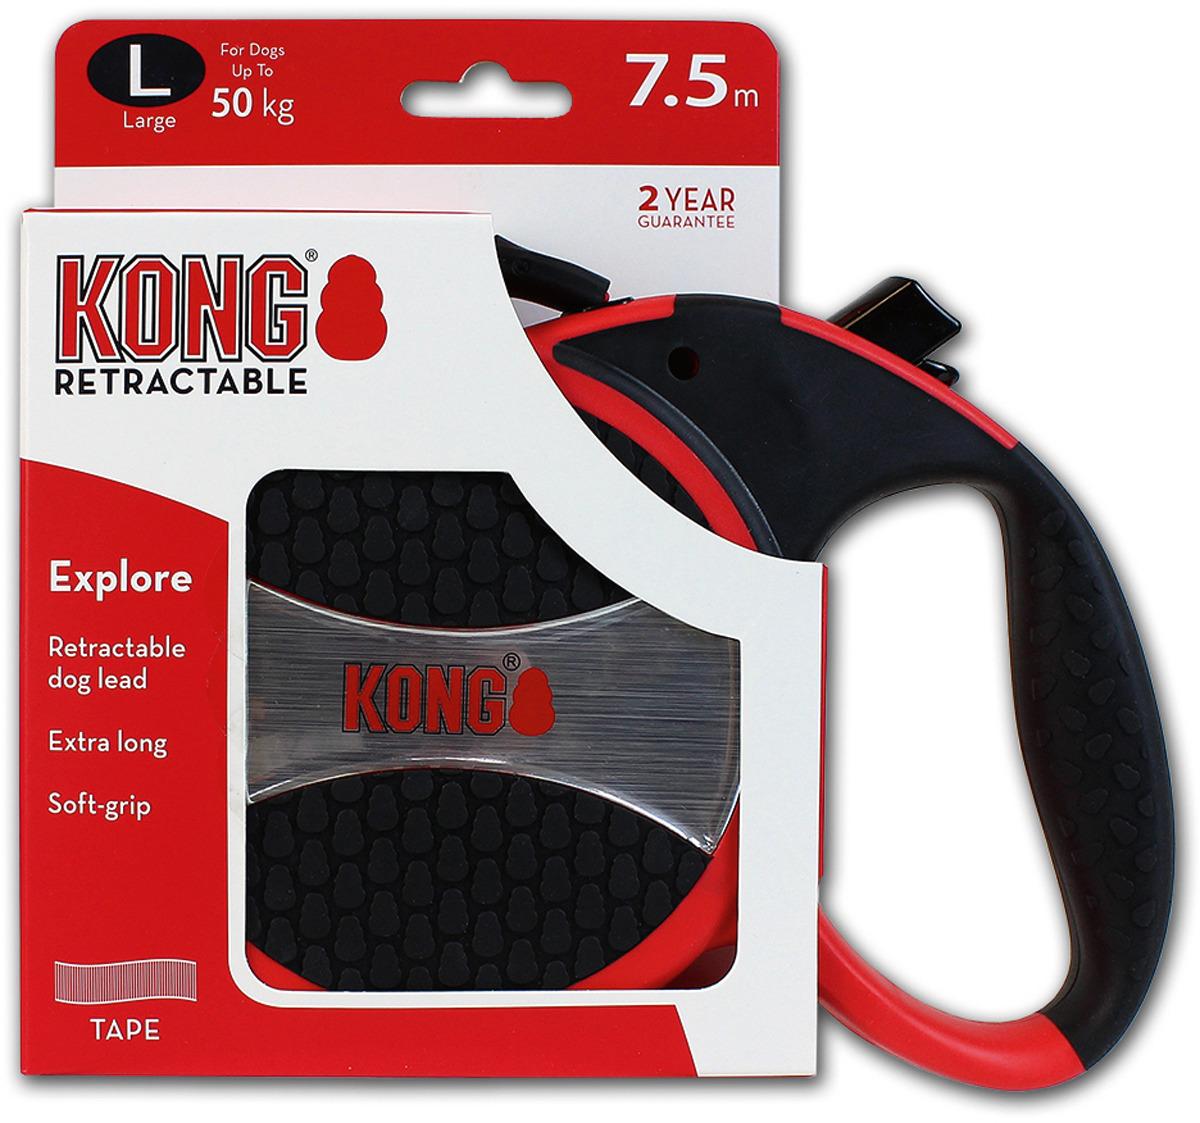 Поводок-рулетка для собак Kong Explore L, цвет: красный, до 50 кг, 7,5 м